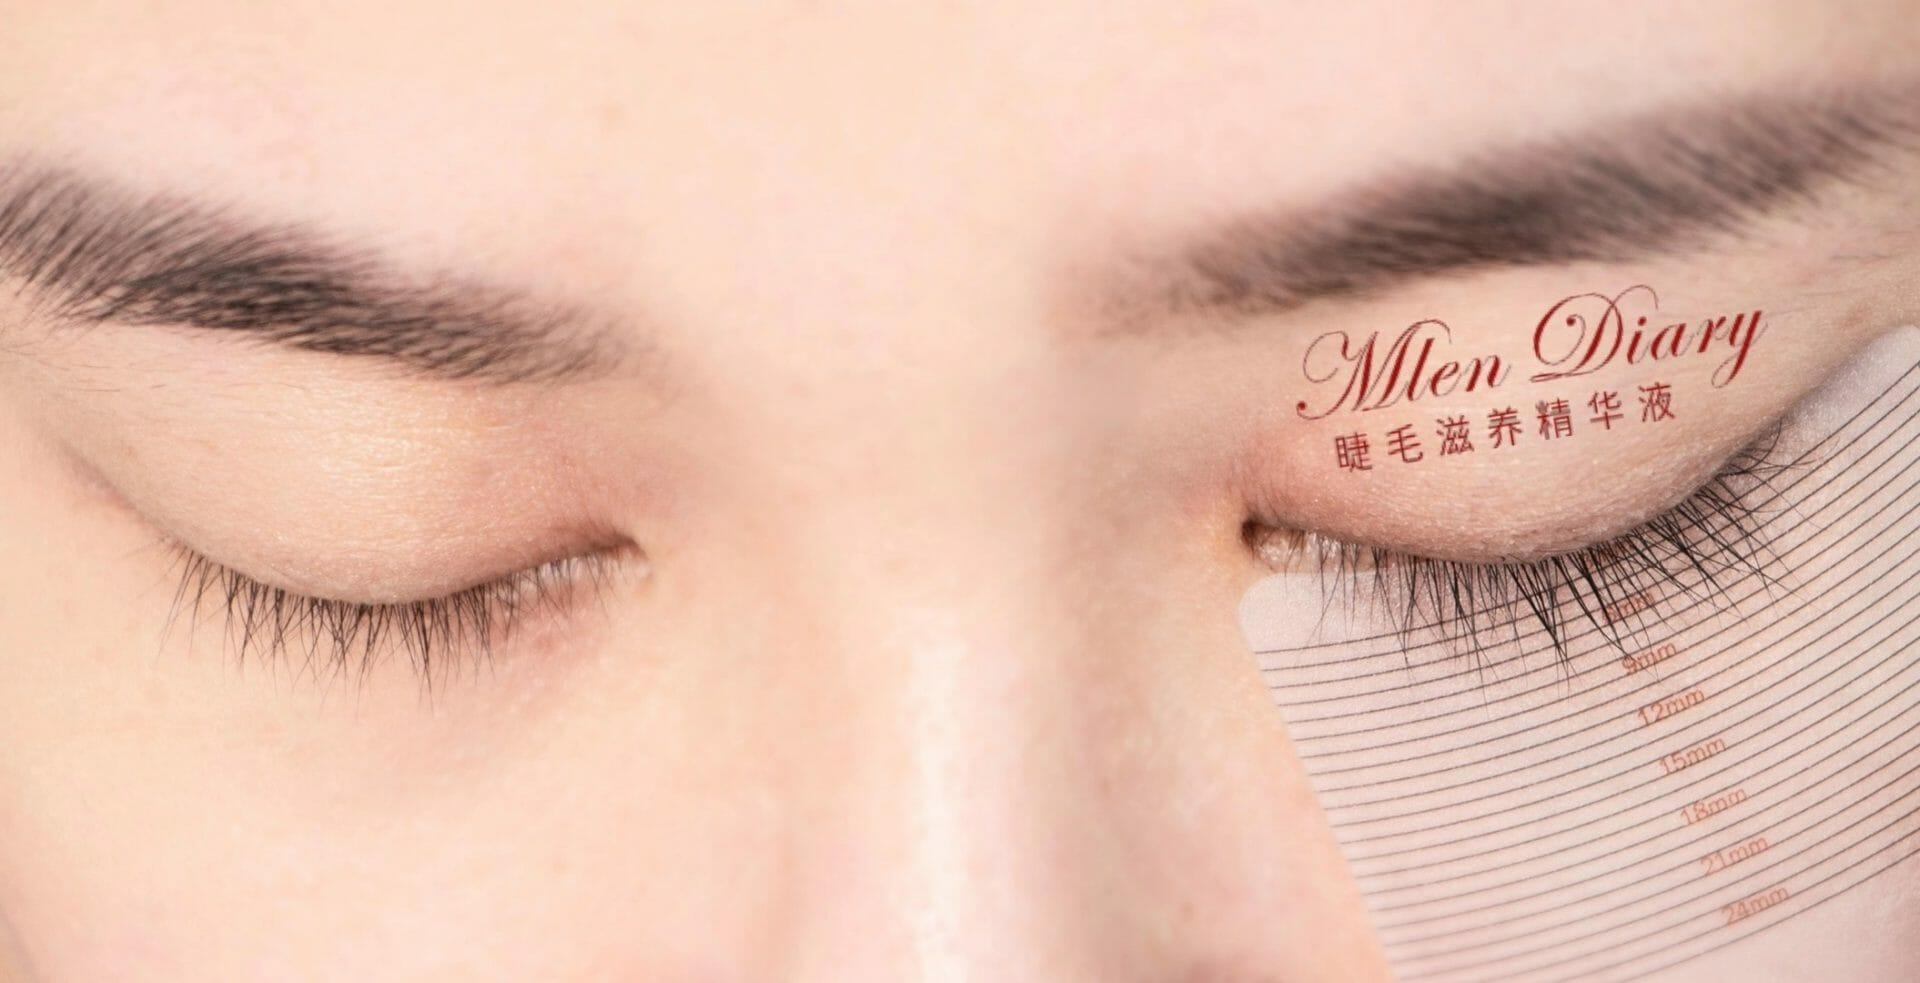 mlen group mlen eyelash growth essence 11